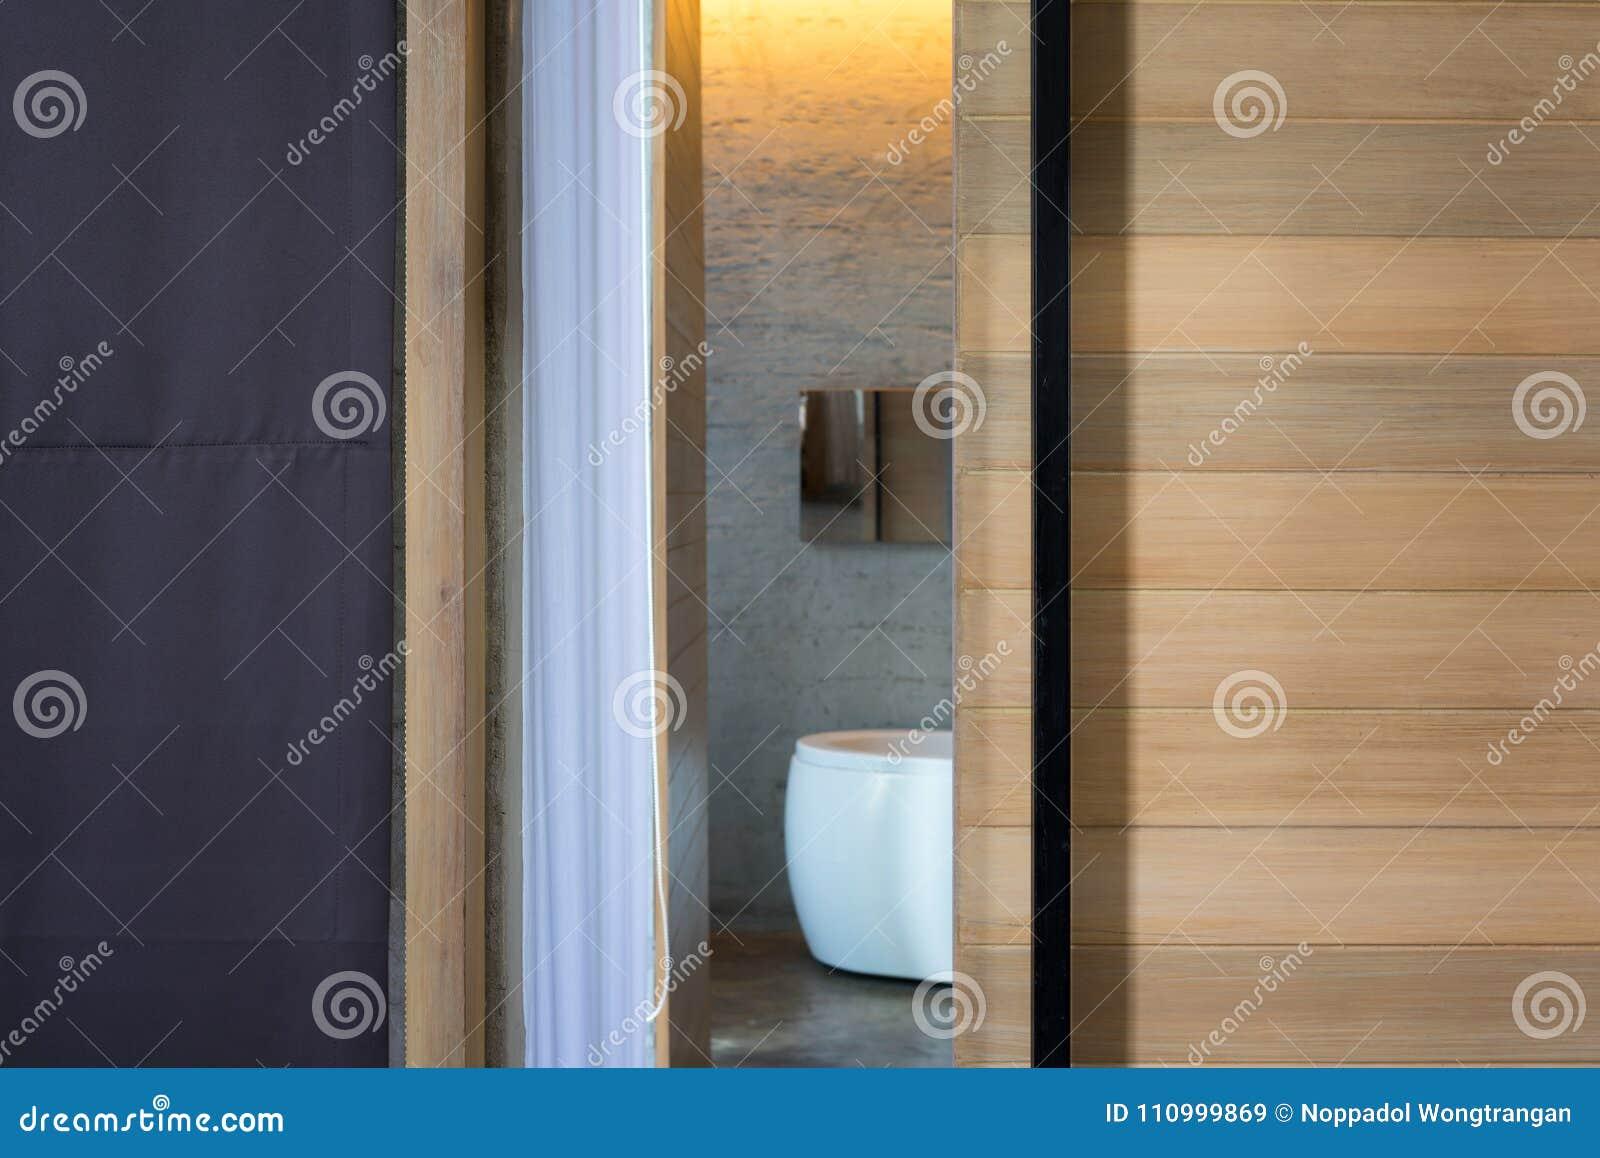 Vieille Porte En Bois Coulissante ouvrez la porte coulissante en bois de salle de bains avec